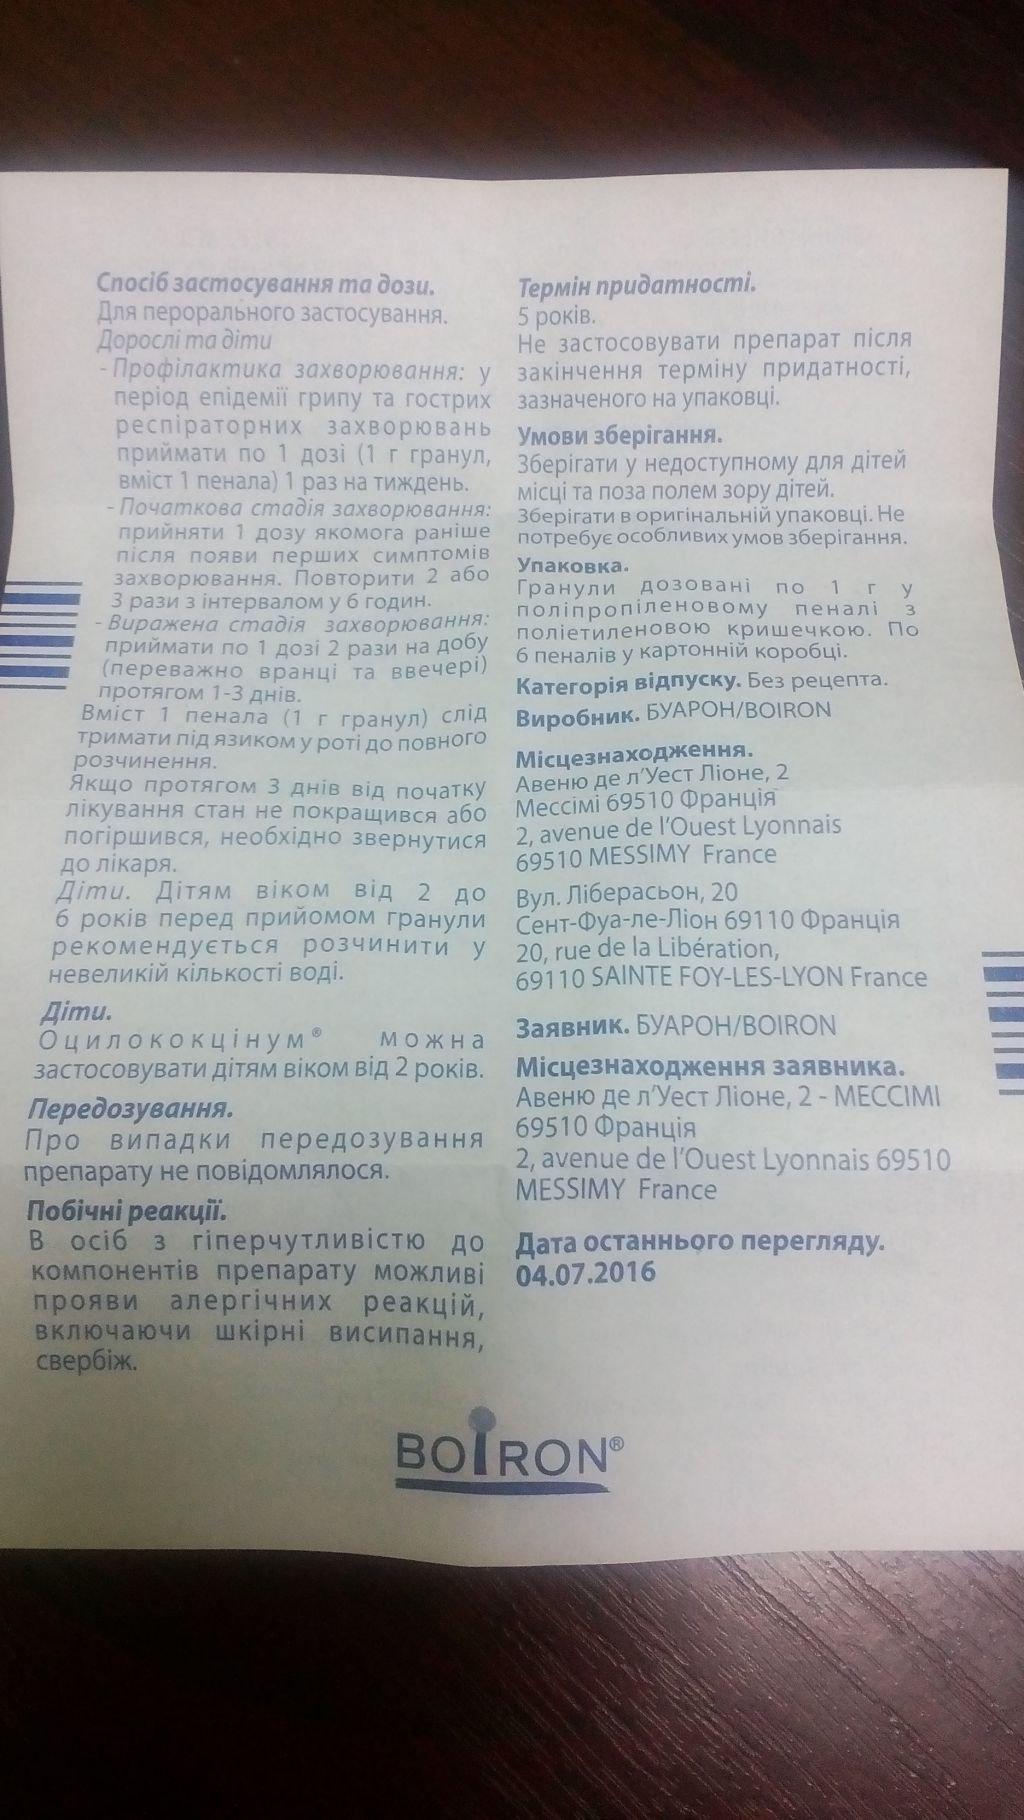 Оциллококцинум - гомеопатический препарат для лечения гриппа и ОРВИ